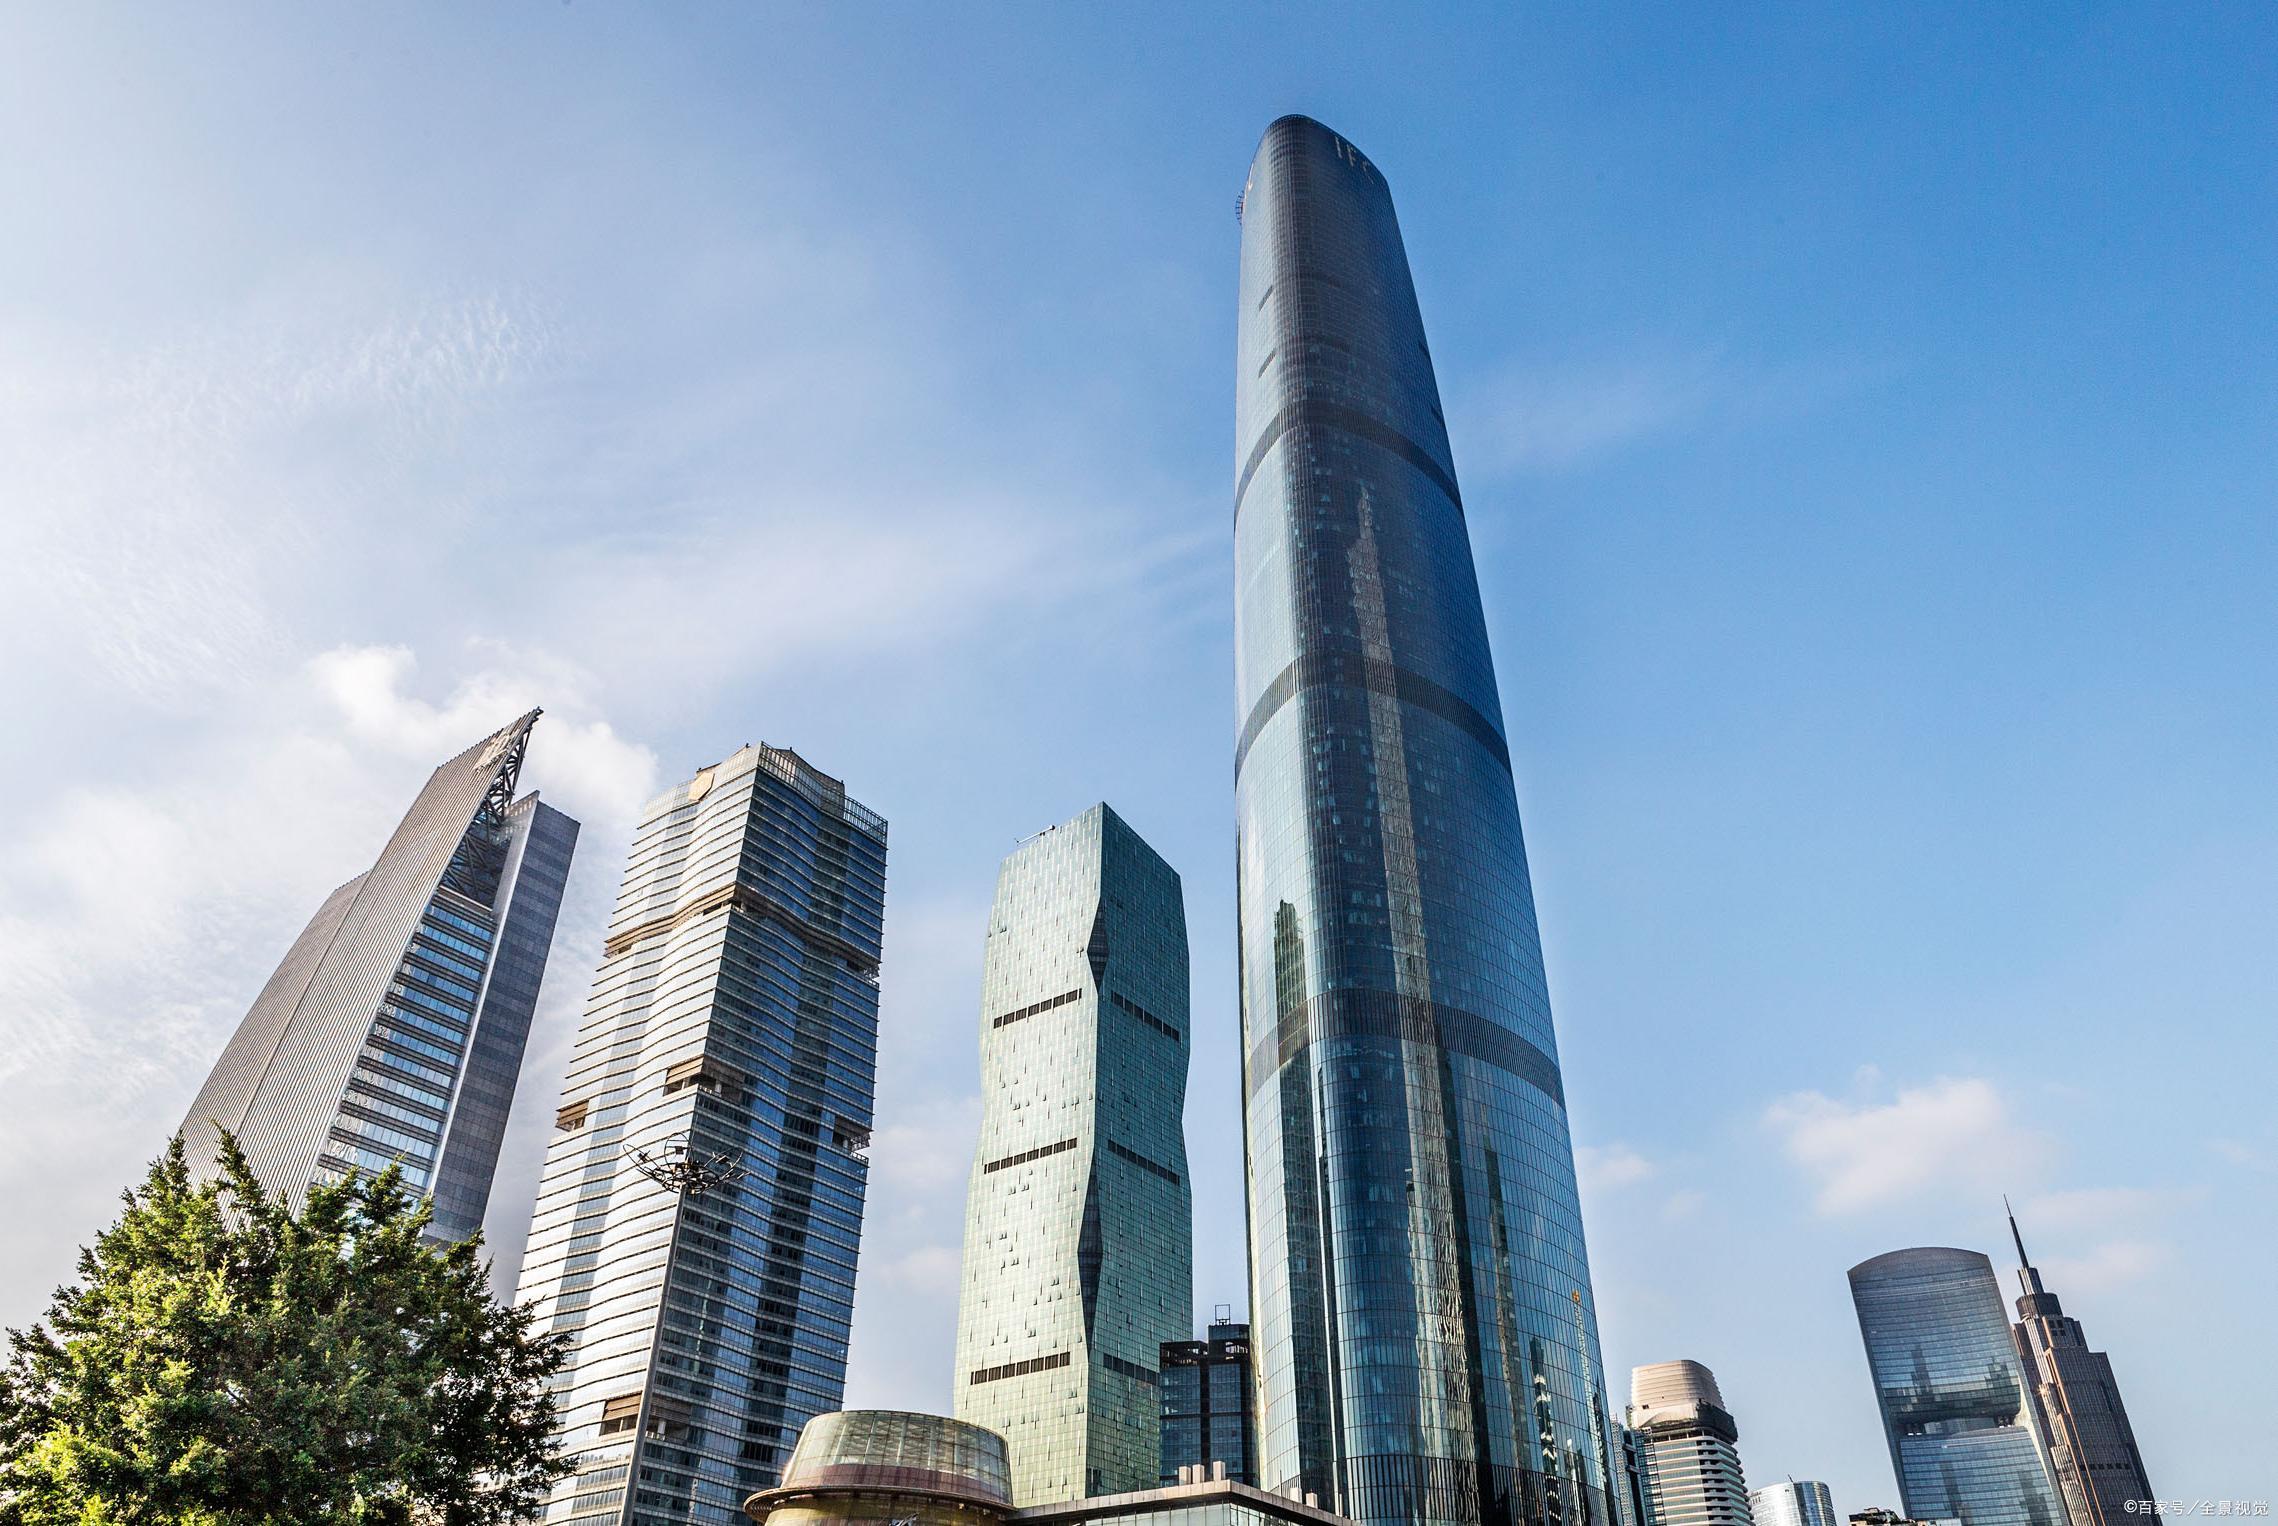 城市中心从未迁离的三座城市,意大利和埃及各一座,另一座在中国